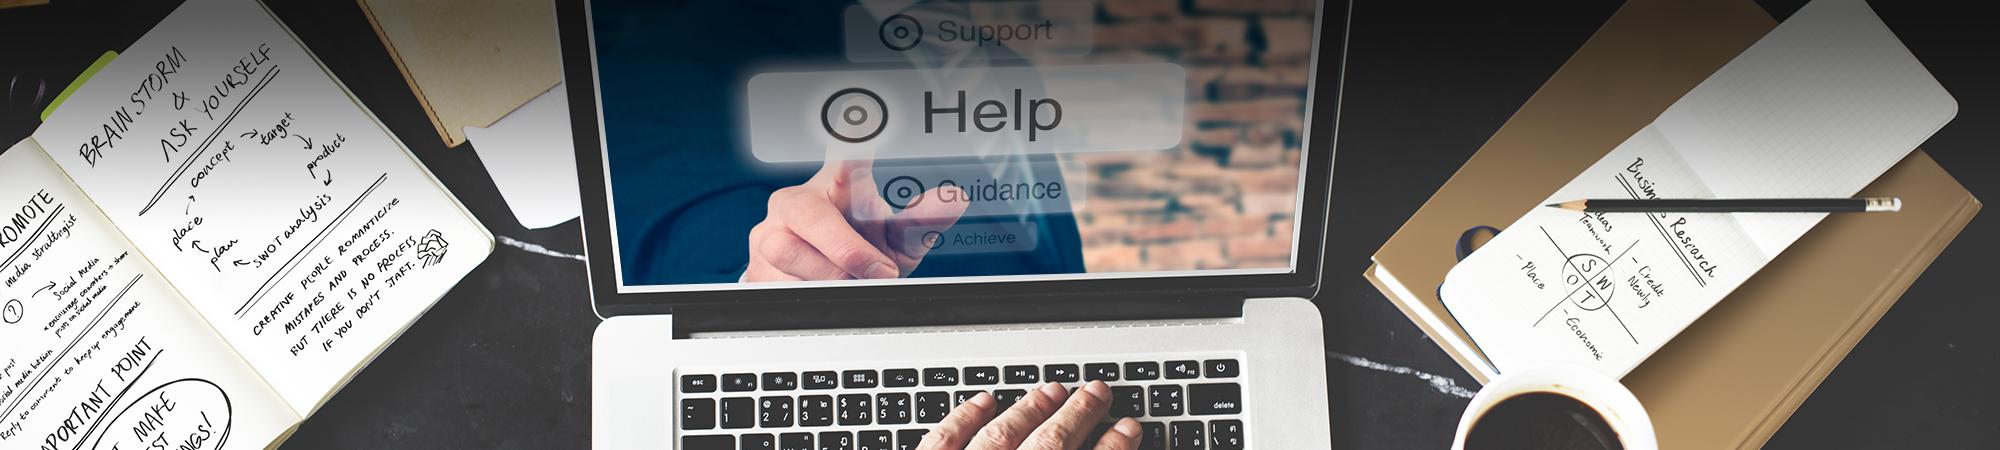 Evessio Online Help